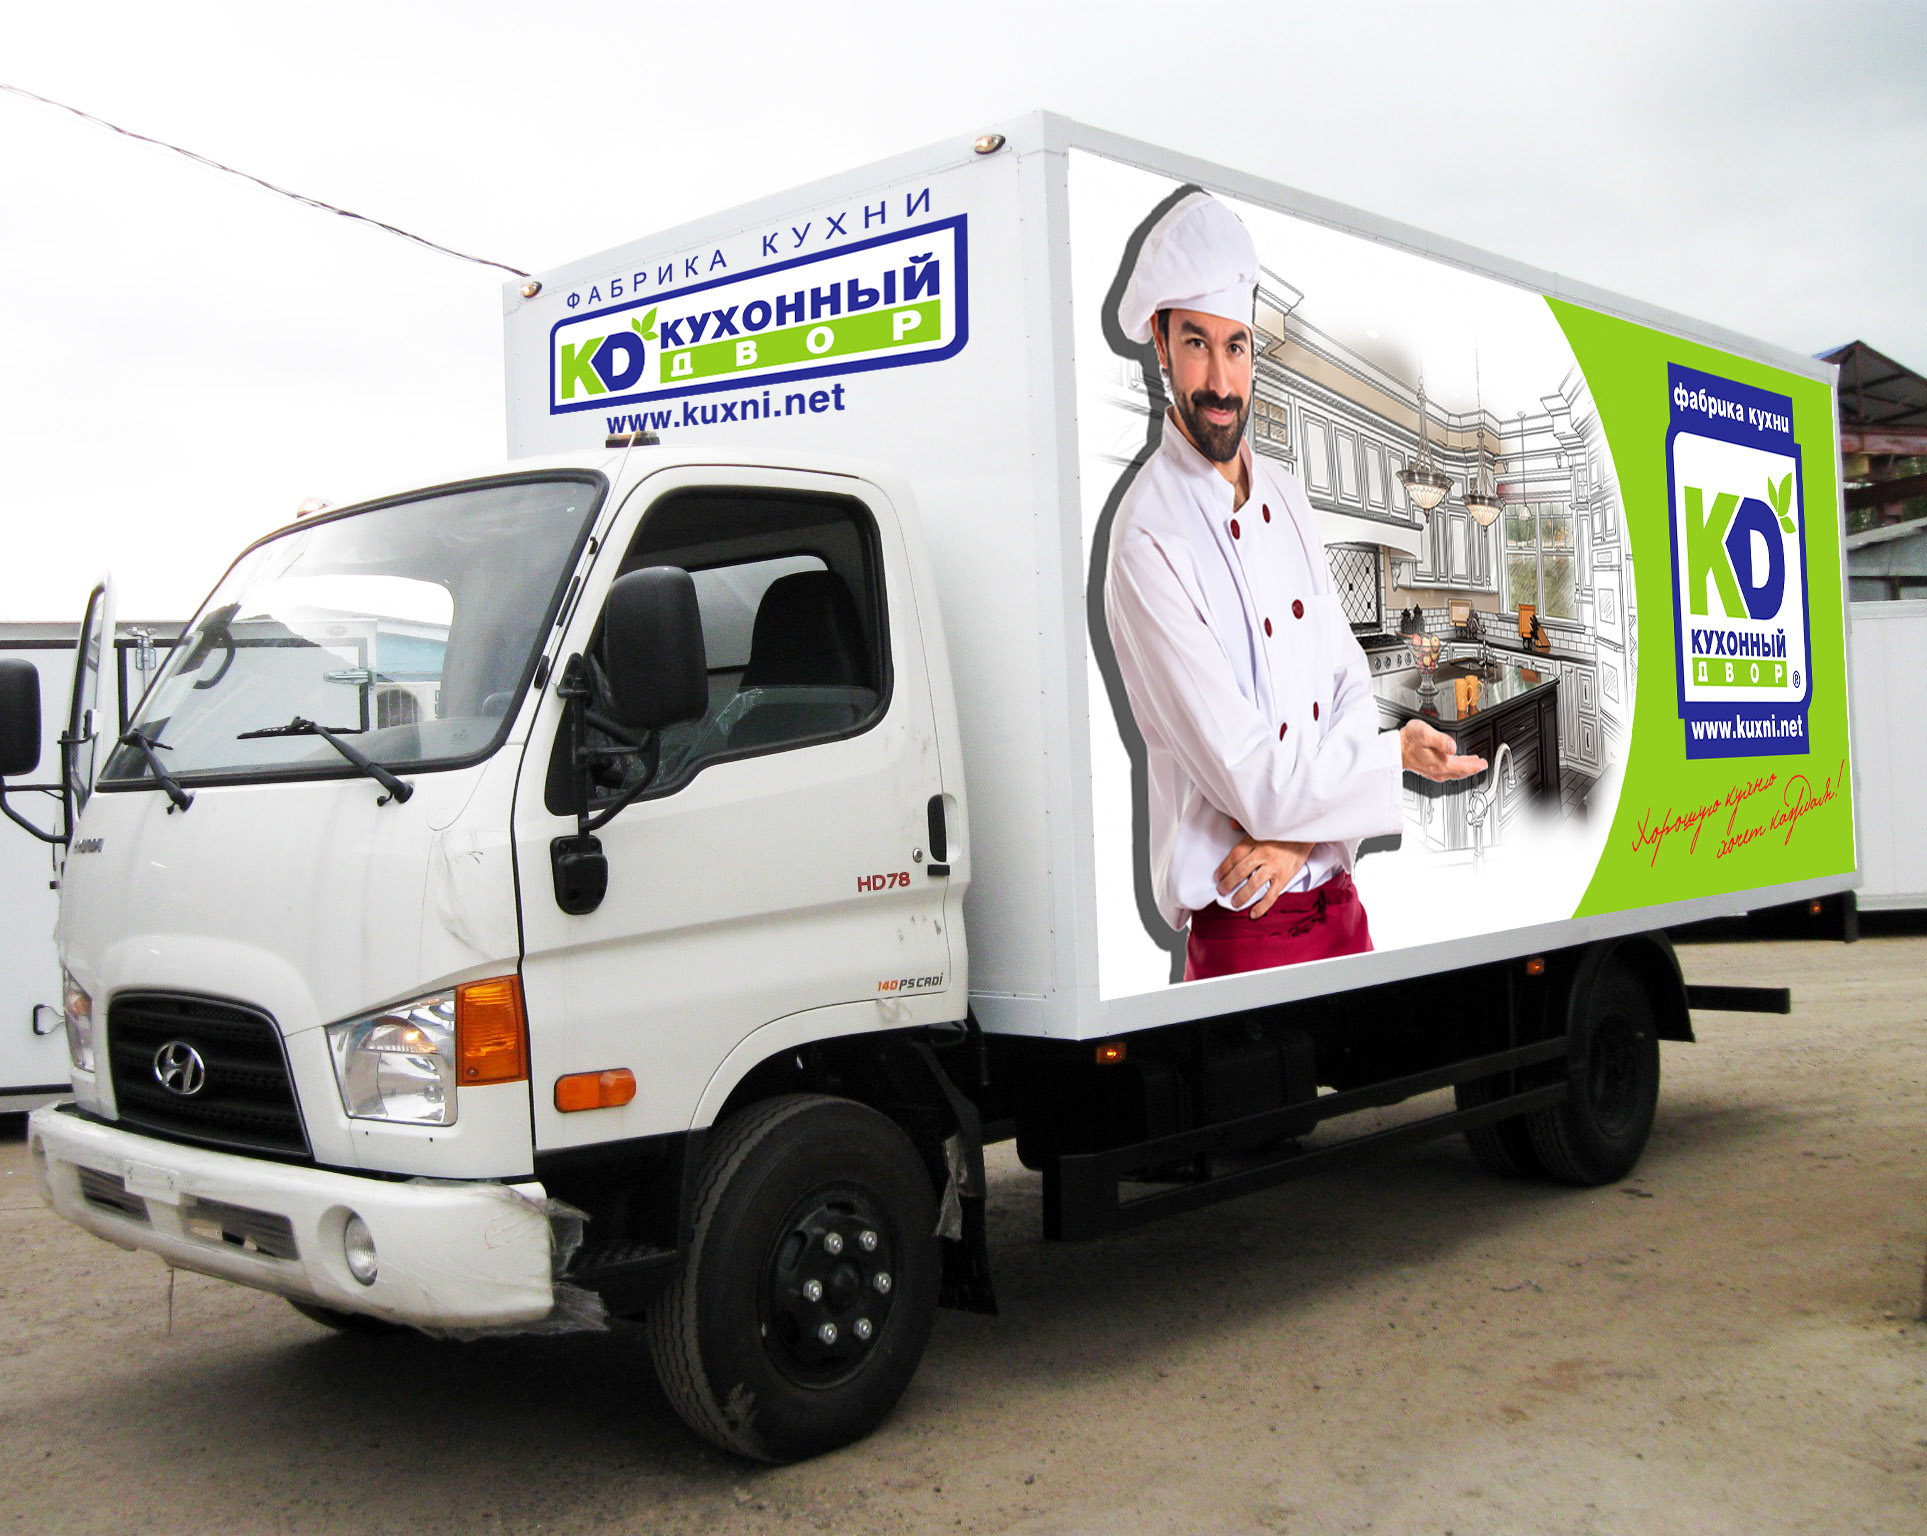 """Брендирование грузового авто для компании """"Кухонный двор"""" фото f_88159bc2da2eac2e.jpg"""